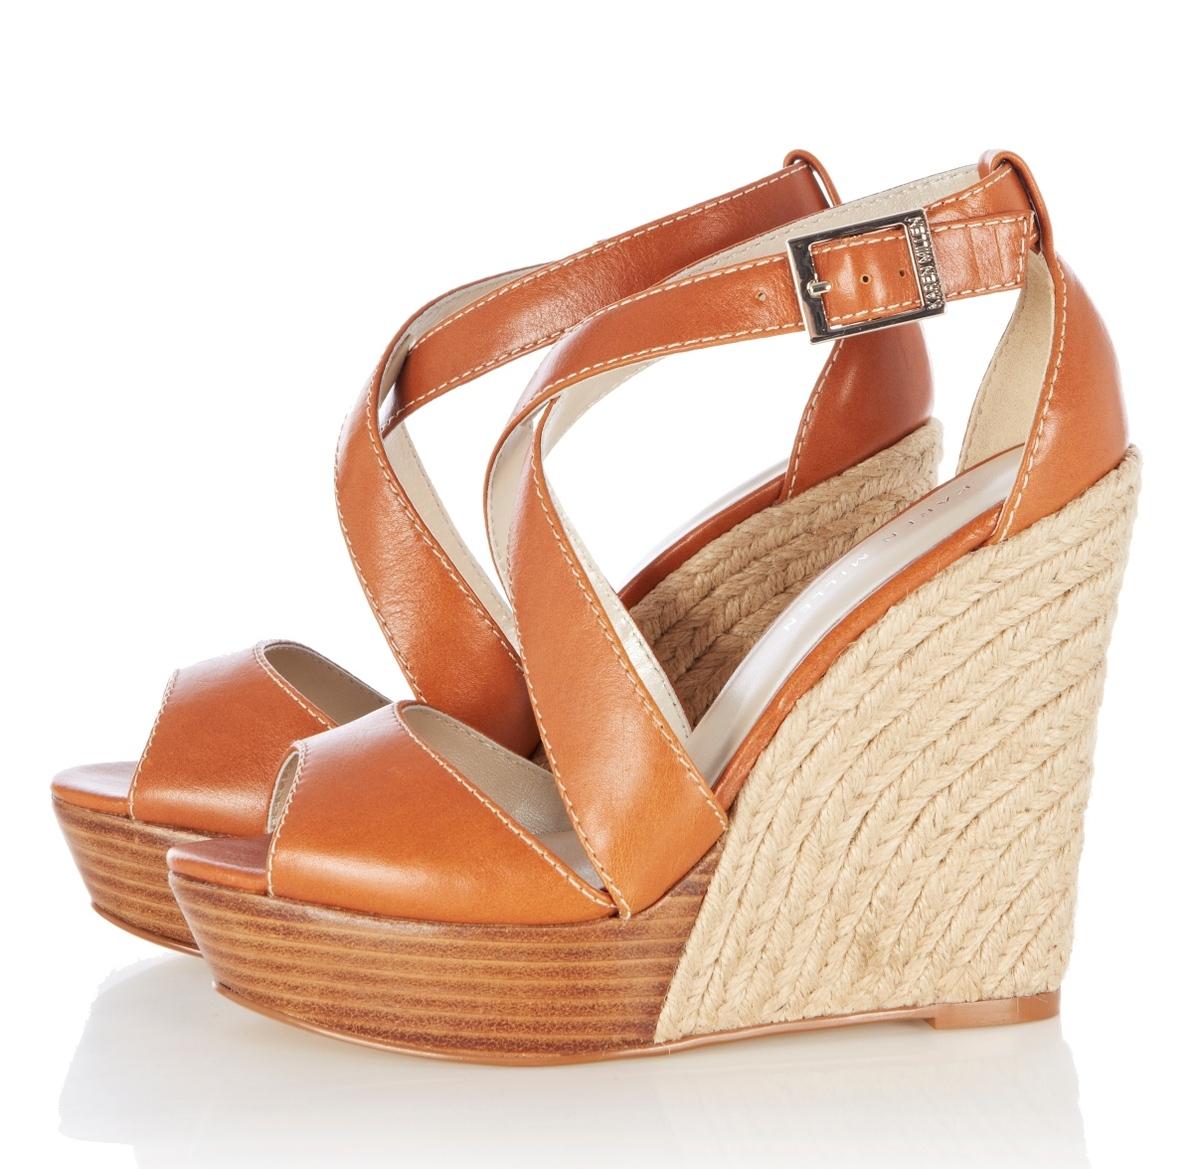 db3185b8ea Karamelové sandále na platforme so slameným lemovaním - predáva Karen  Millen.